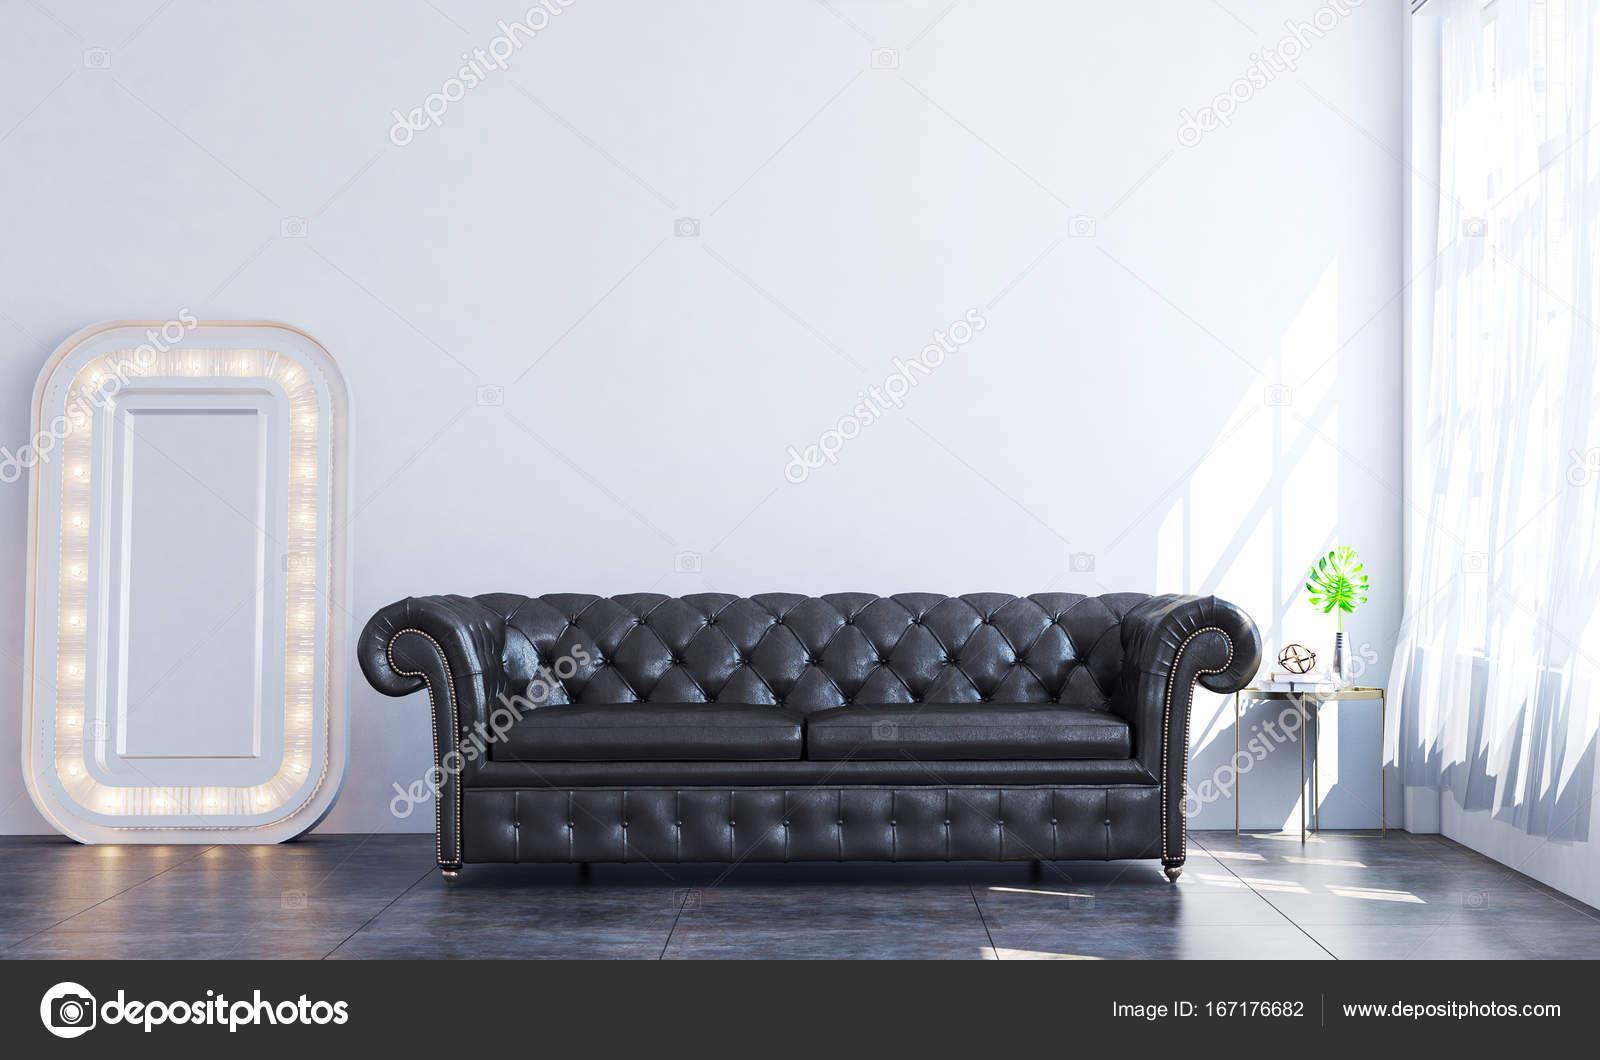 Woonkamer Zwarte Bank : De zwarte bank in de witte muur woonkamer interieur minimalistische